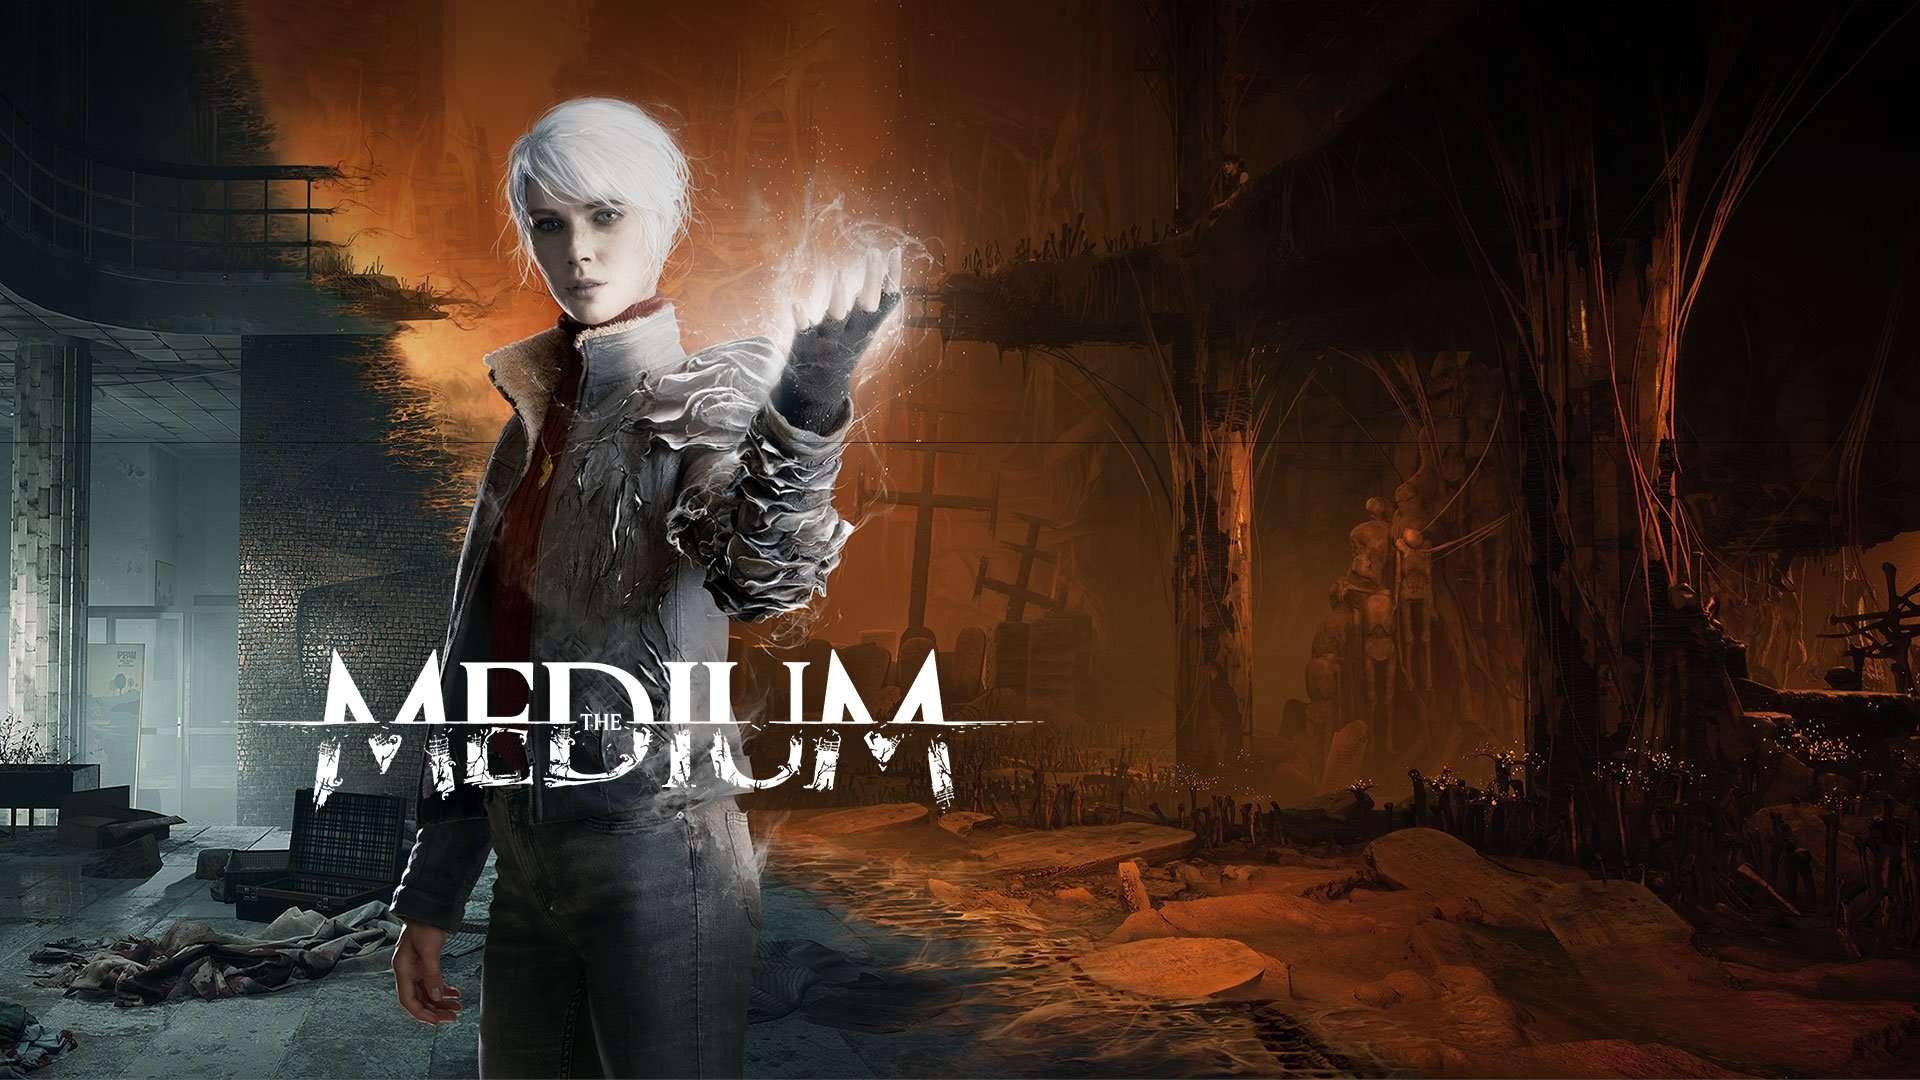 da969836ff9696f9c182a7026558fe23 - عرض جديد لأول 18 دقيقة من لعبة The Medium بدقة 4K